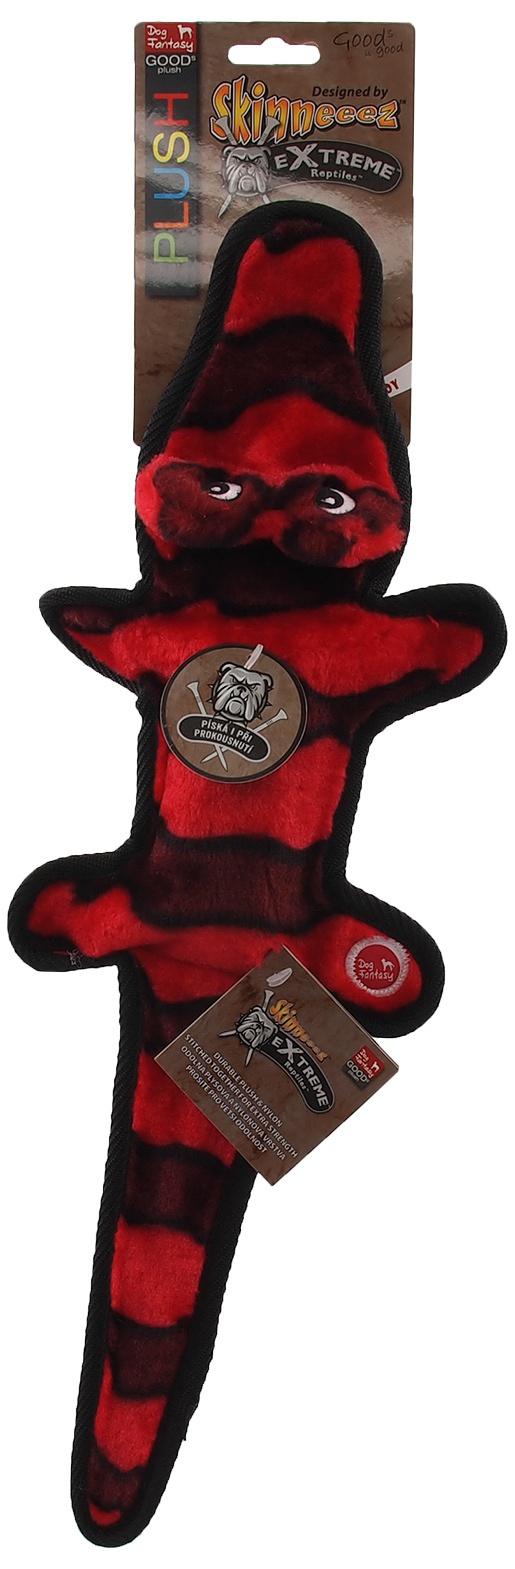 Hračka Dog Fantasy Skinneeez EXTREME krokodýl červený 50cm